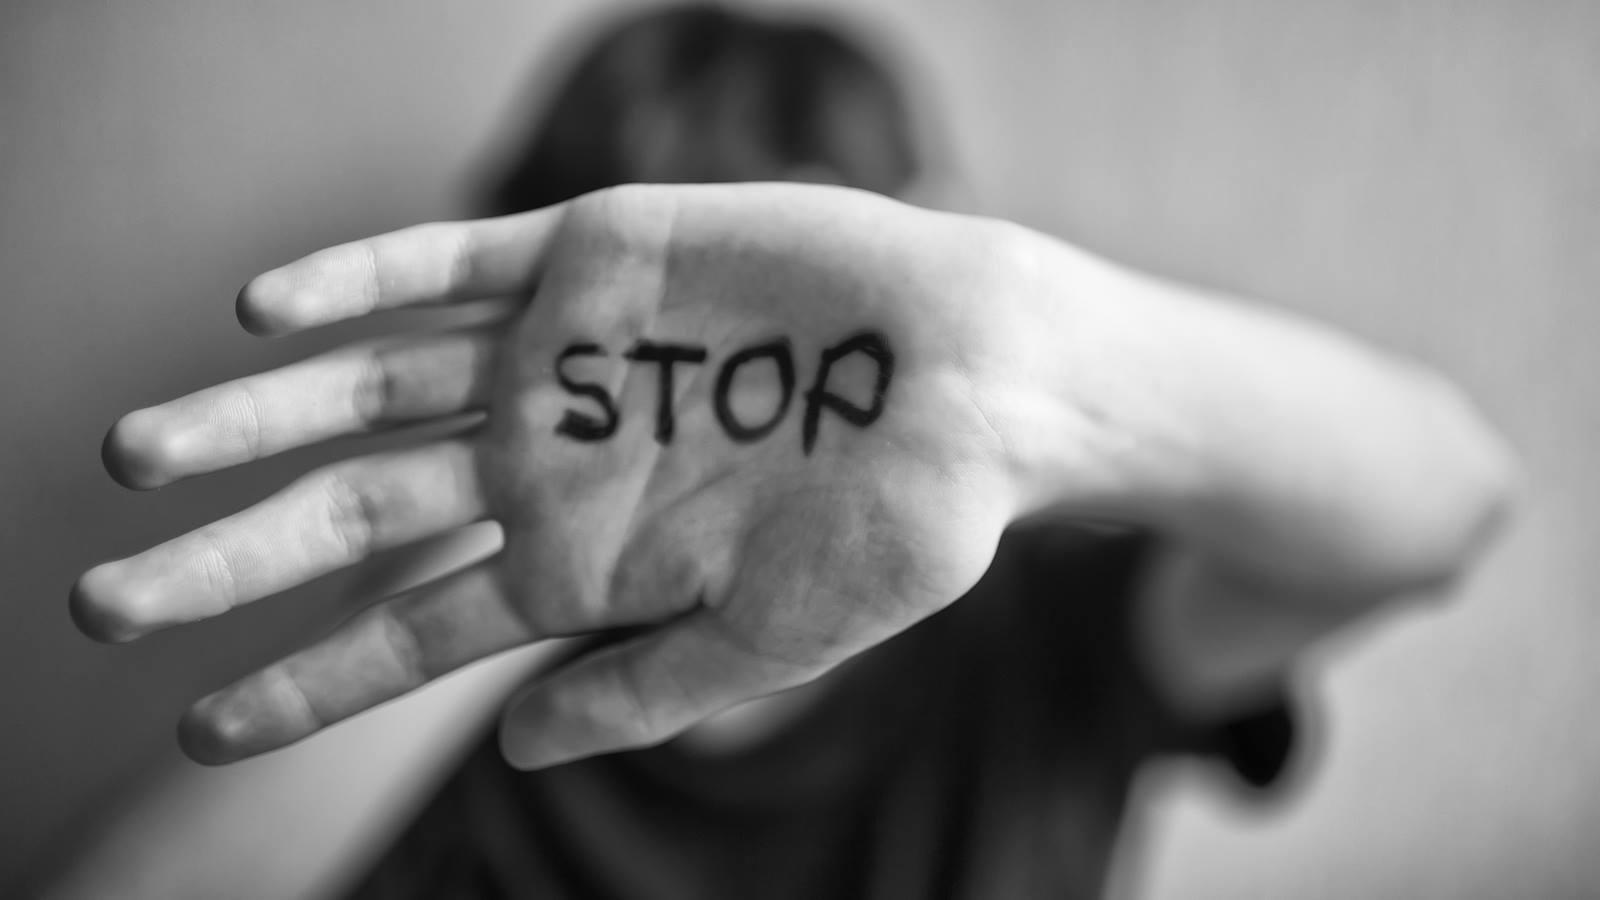 इंटिमेट पार्टनर वायलेंस: पति या पार्टनर द्वारा की गई हिंसा को समझिए